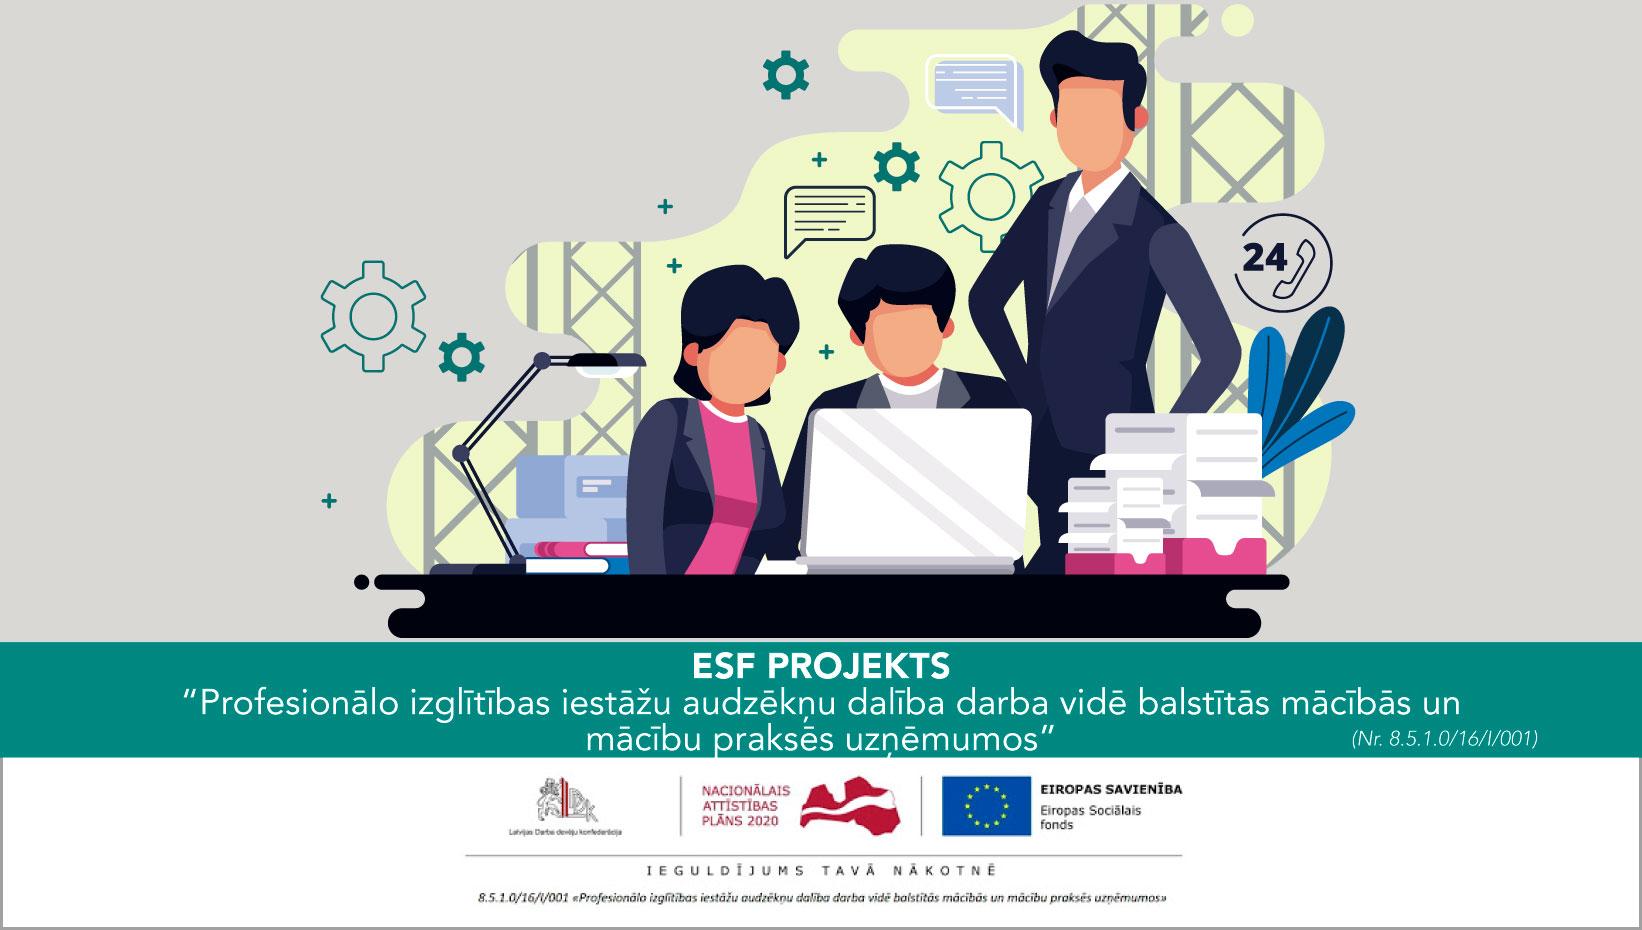 Profesionālo izglītības iestāžu audzēkņu dalība darba vidē balstītās mācībās un mācību praksēs uzņēmumos